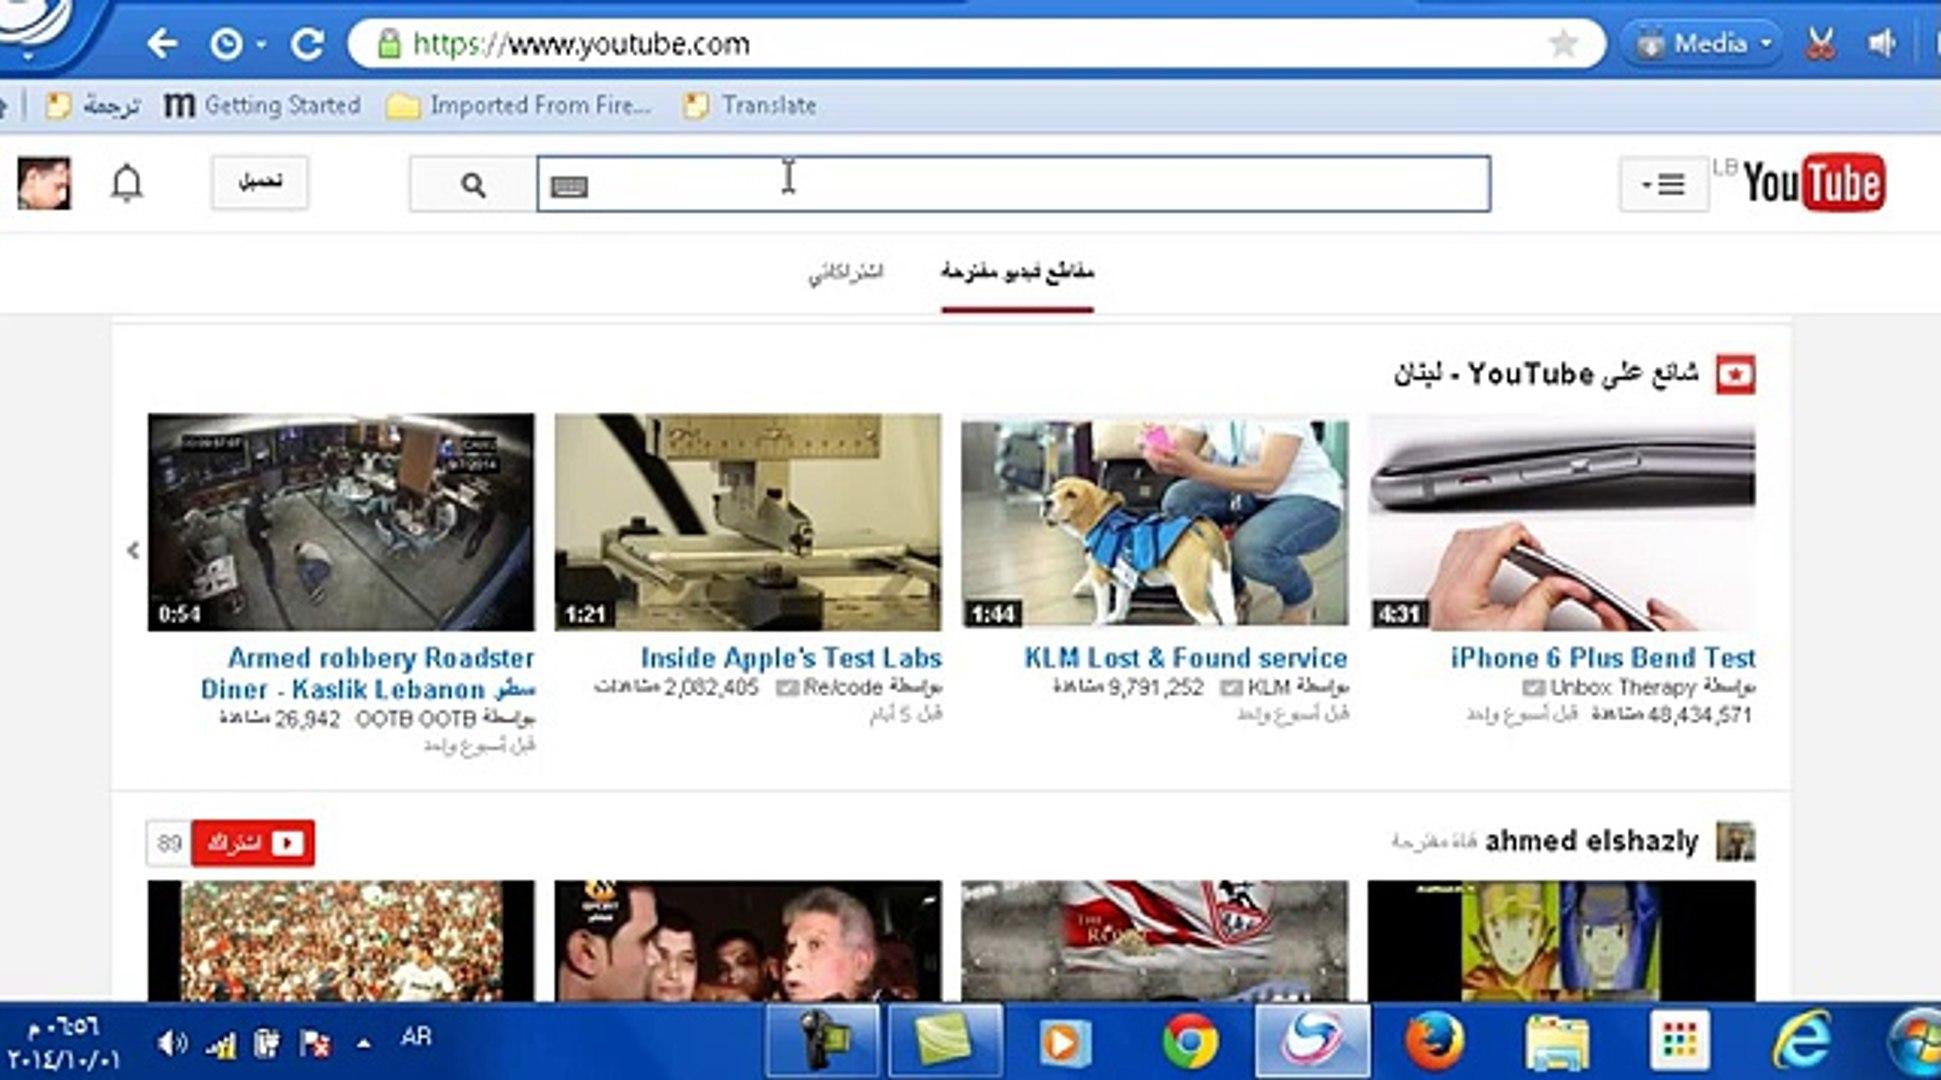 الربح من اليوتيوب حمل الان مئات الفيدوهات مجانا وبطرق شرعيه لكسب المال من جوجل ادسنس